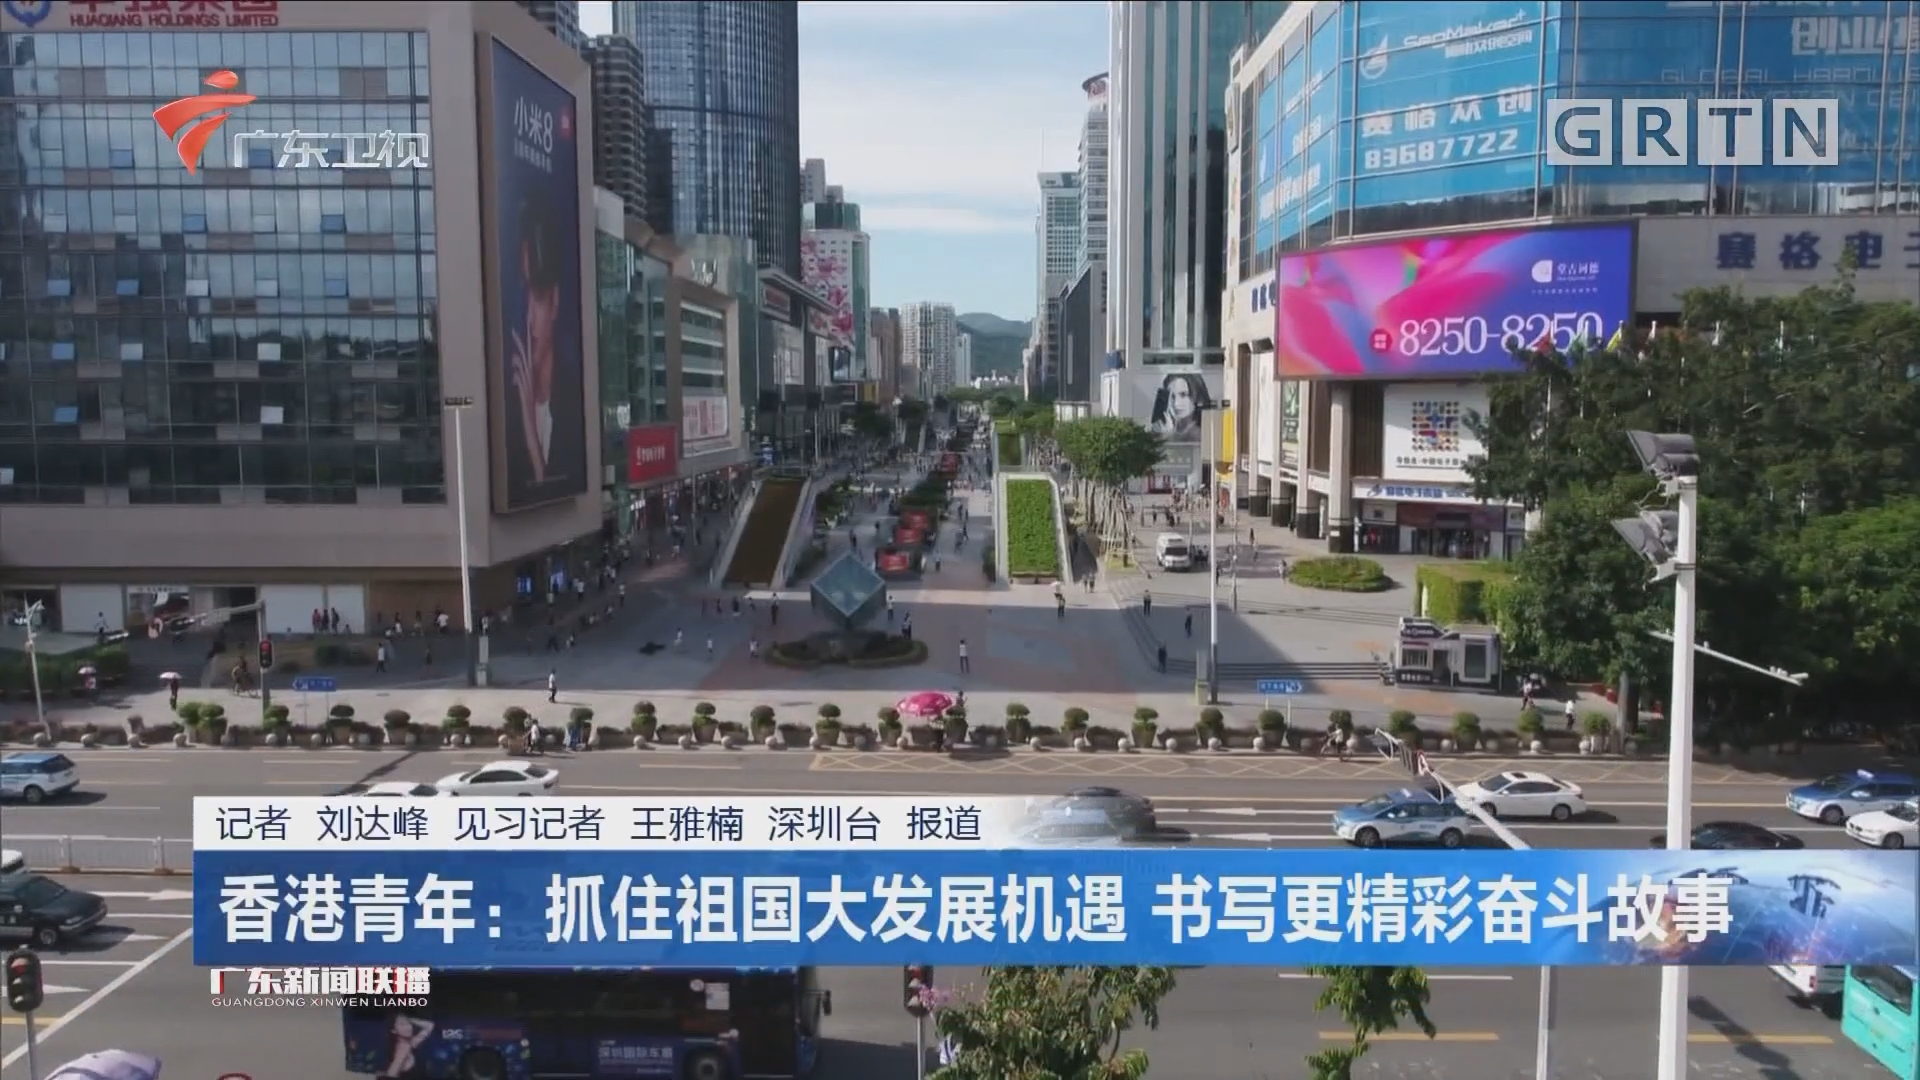 香港青年:抓住祖国大发展机遇 书写更精彩奋斗故事